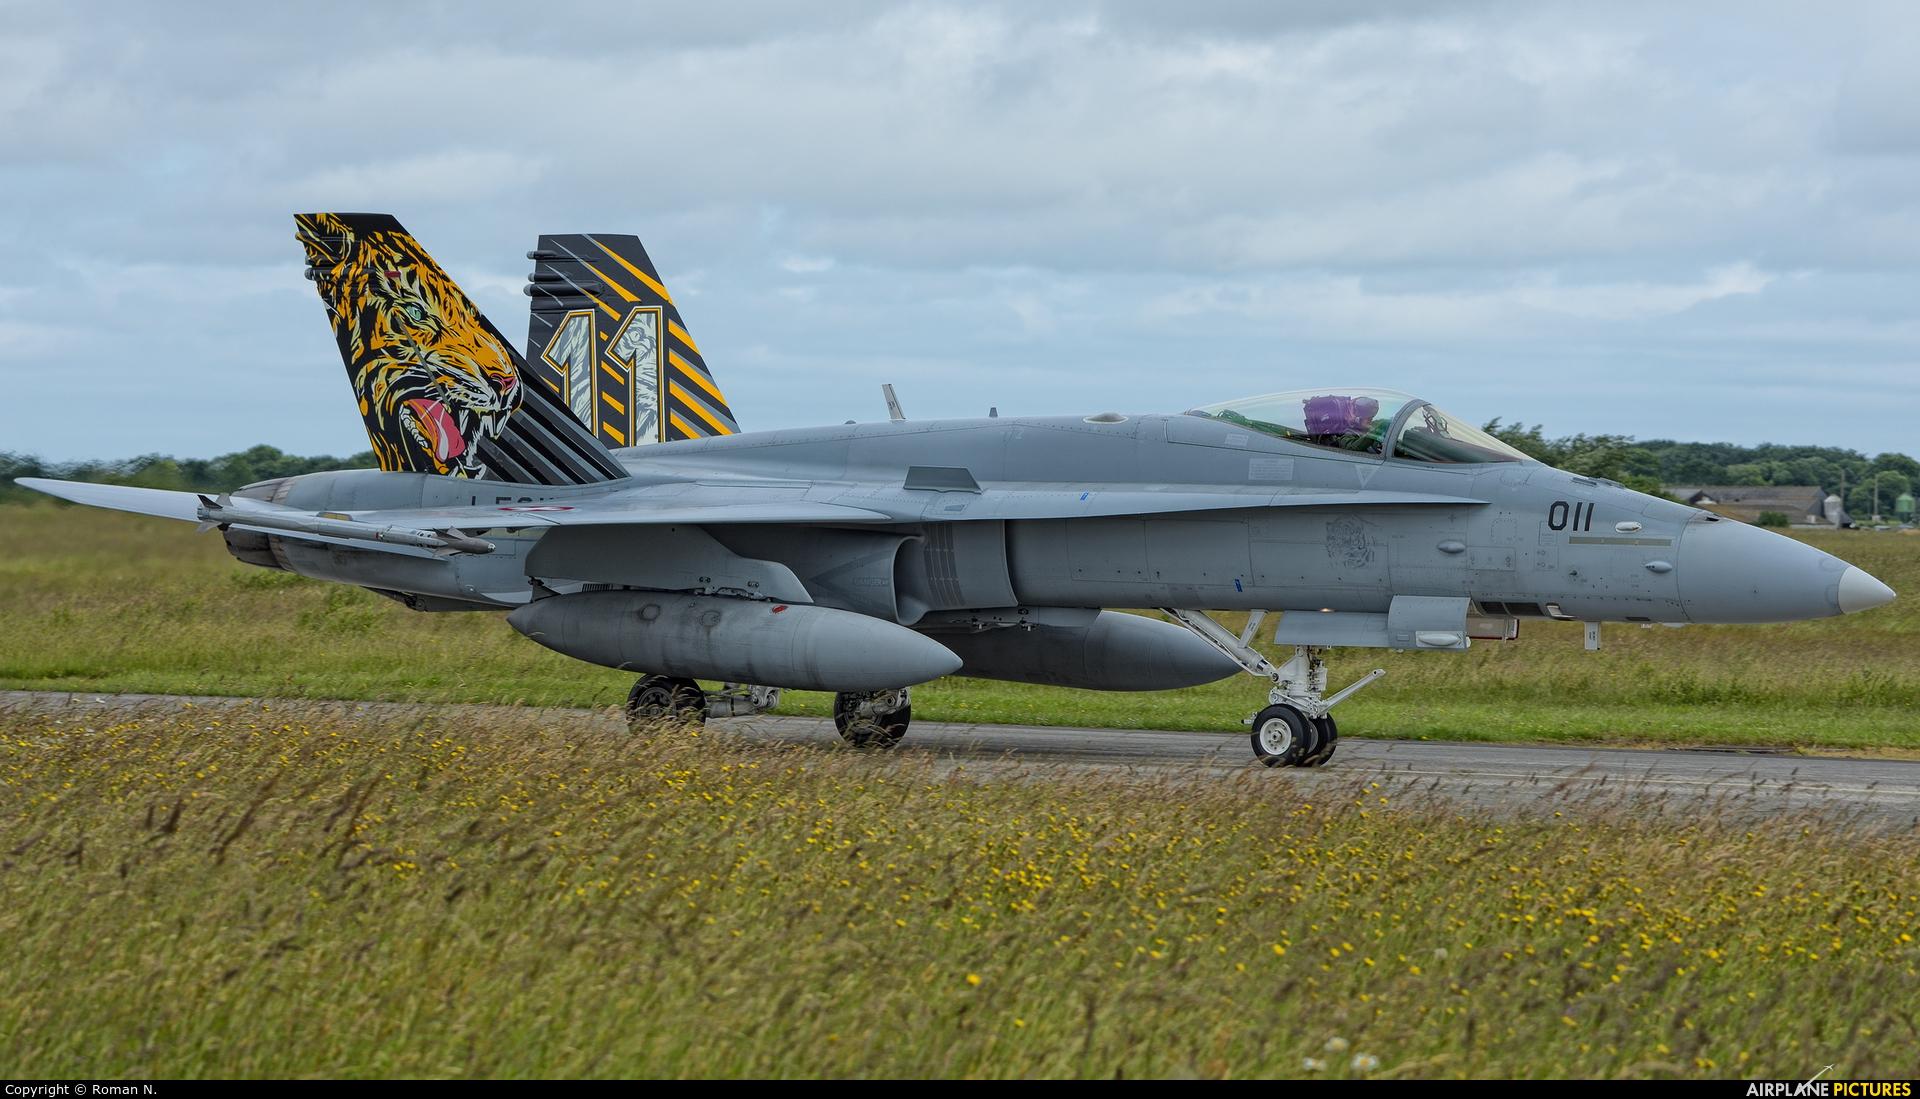 Switzerland - Air Force J-5011 aircraft at Landivisiau